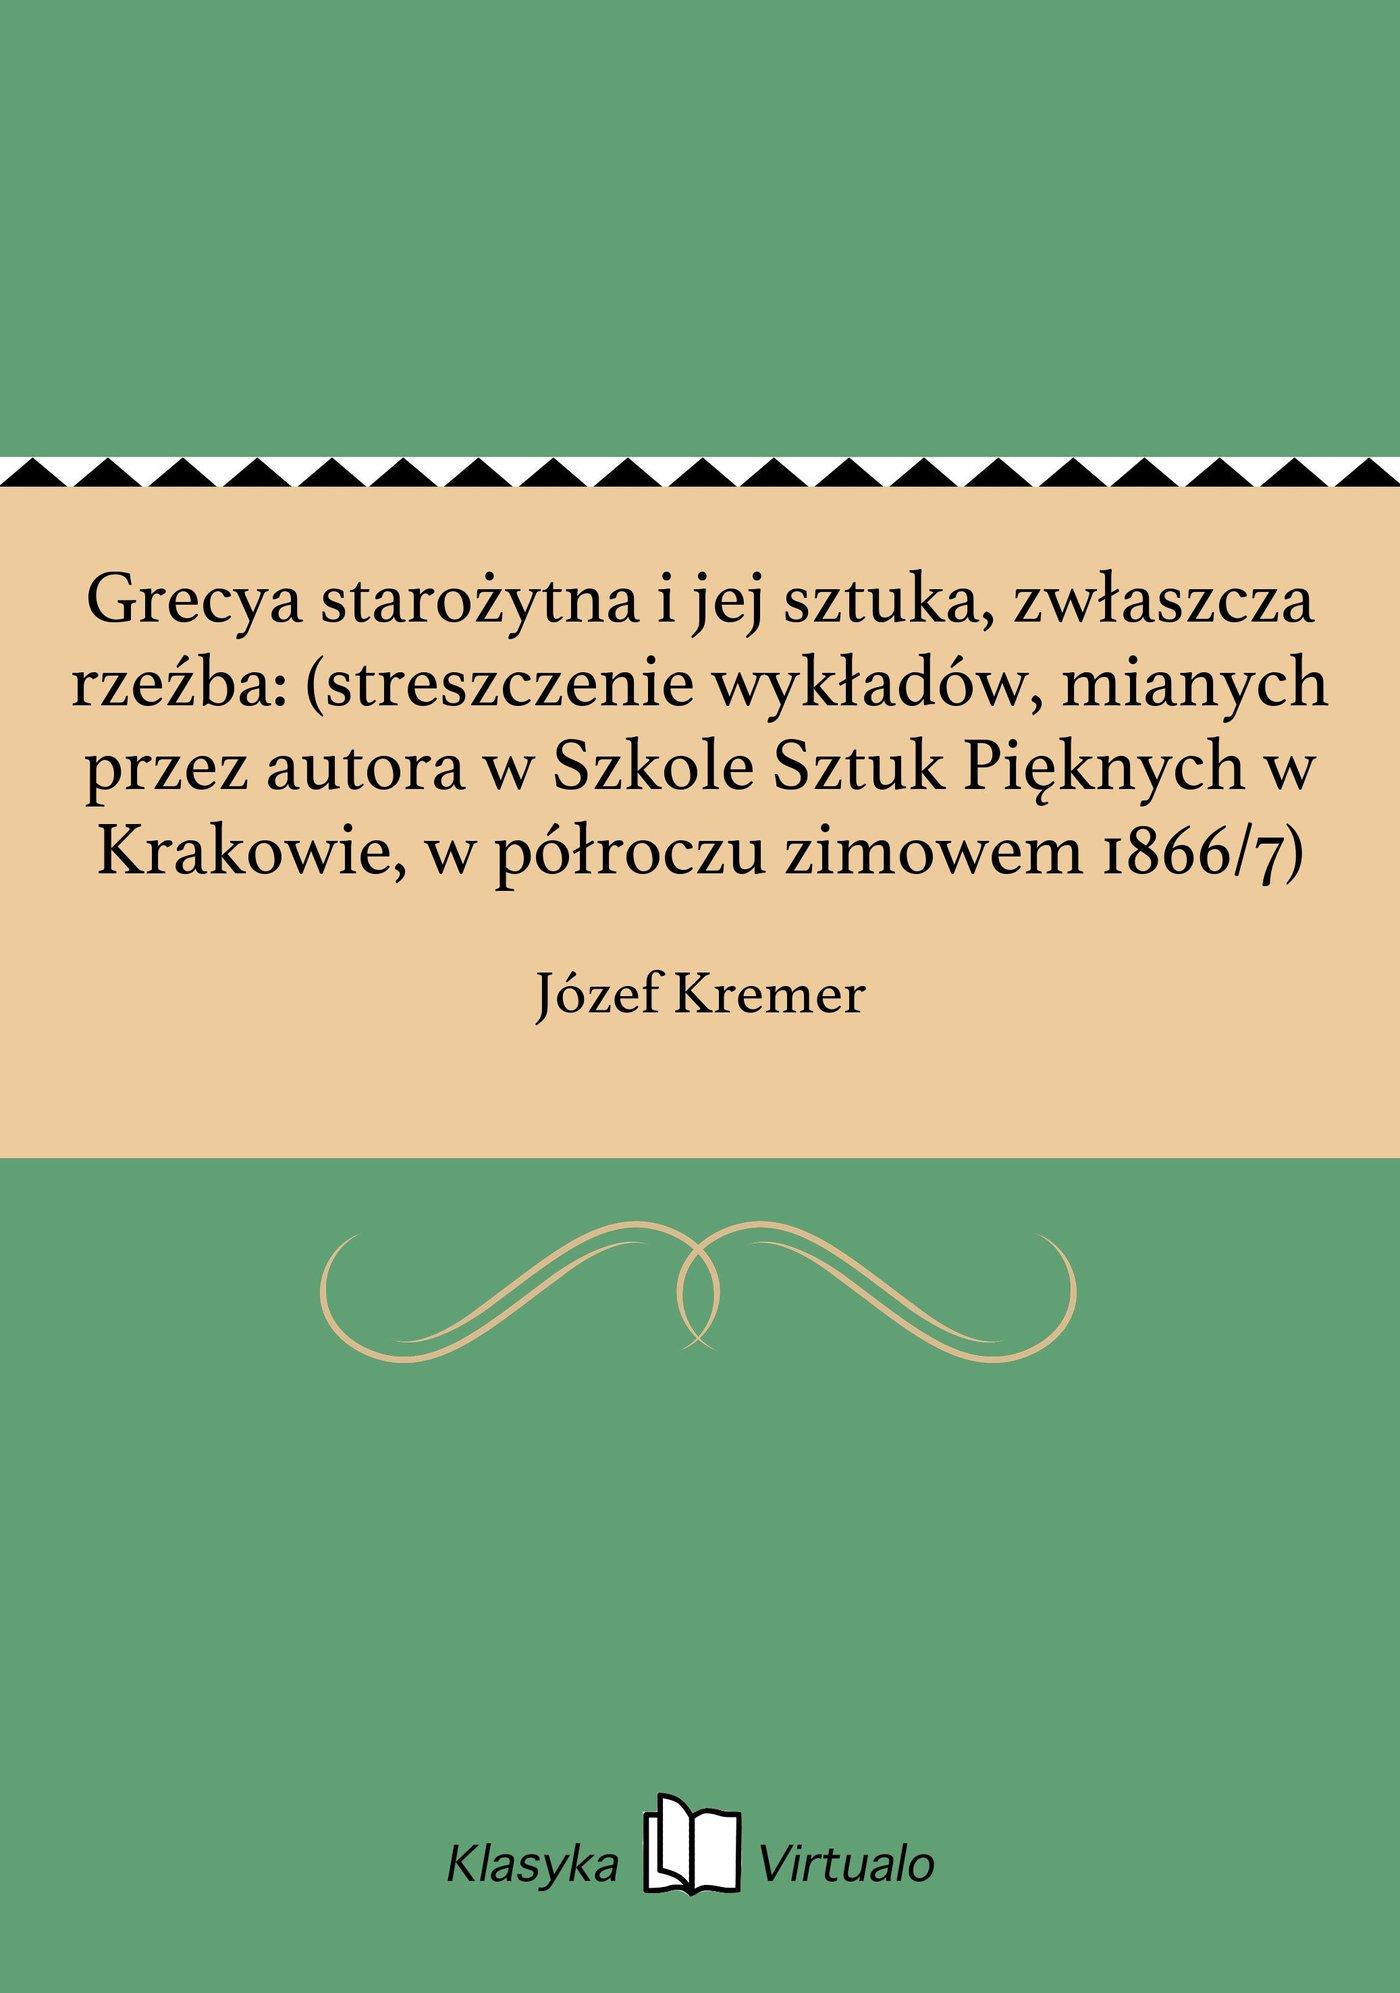 Grecya starożytna i jej sztuka, zwłaszcza rzeźba: (streszczenie wykładów, mianych przez autora w Szkole Sztuk Pięknych w Krakowie, w półroczu zimowem 1866/7) - Ebook (Książka EPUB) do pobrania w formacie EPUB